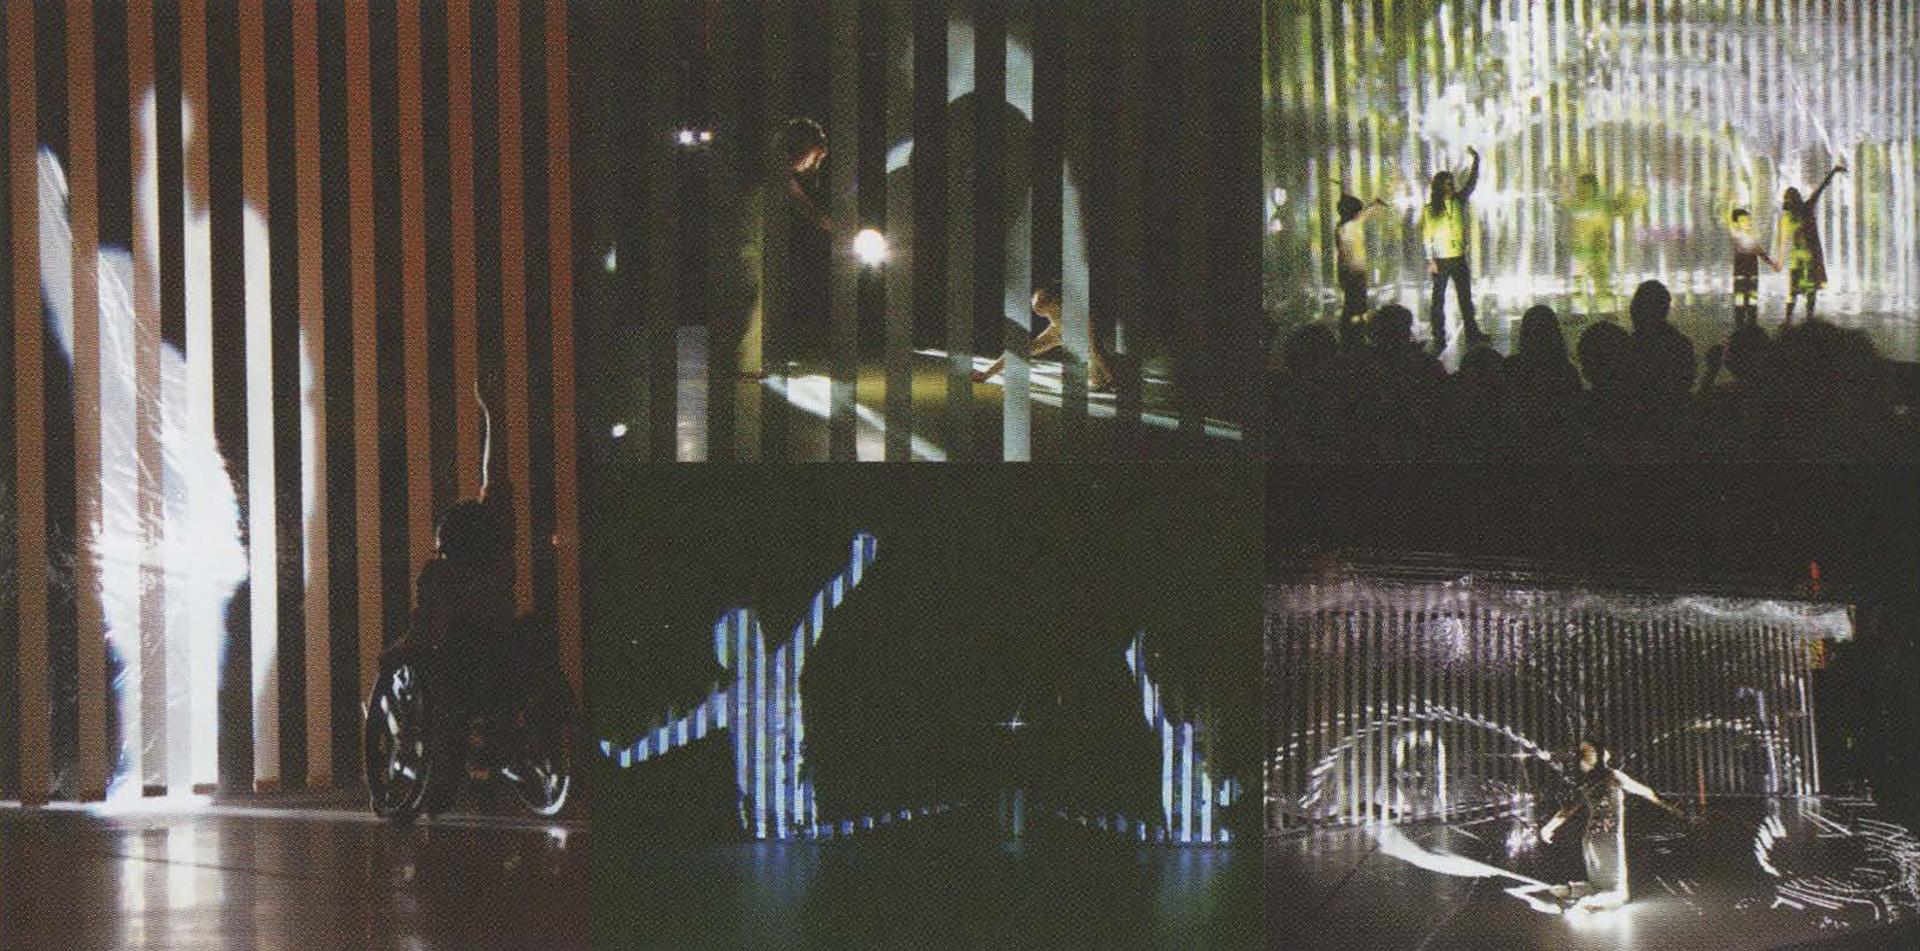 ©2011, Yoshiyuki Miwa, Shiroh Itai, Takabumi Watanabe, and Hiroko Nishi, Shadow Awareness